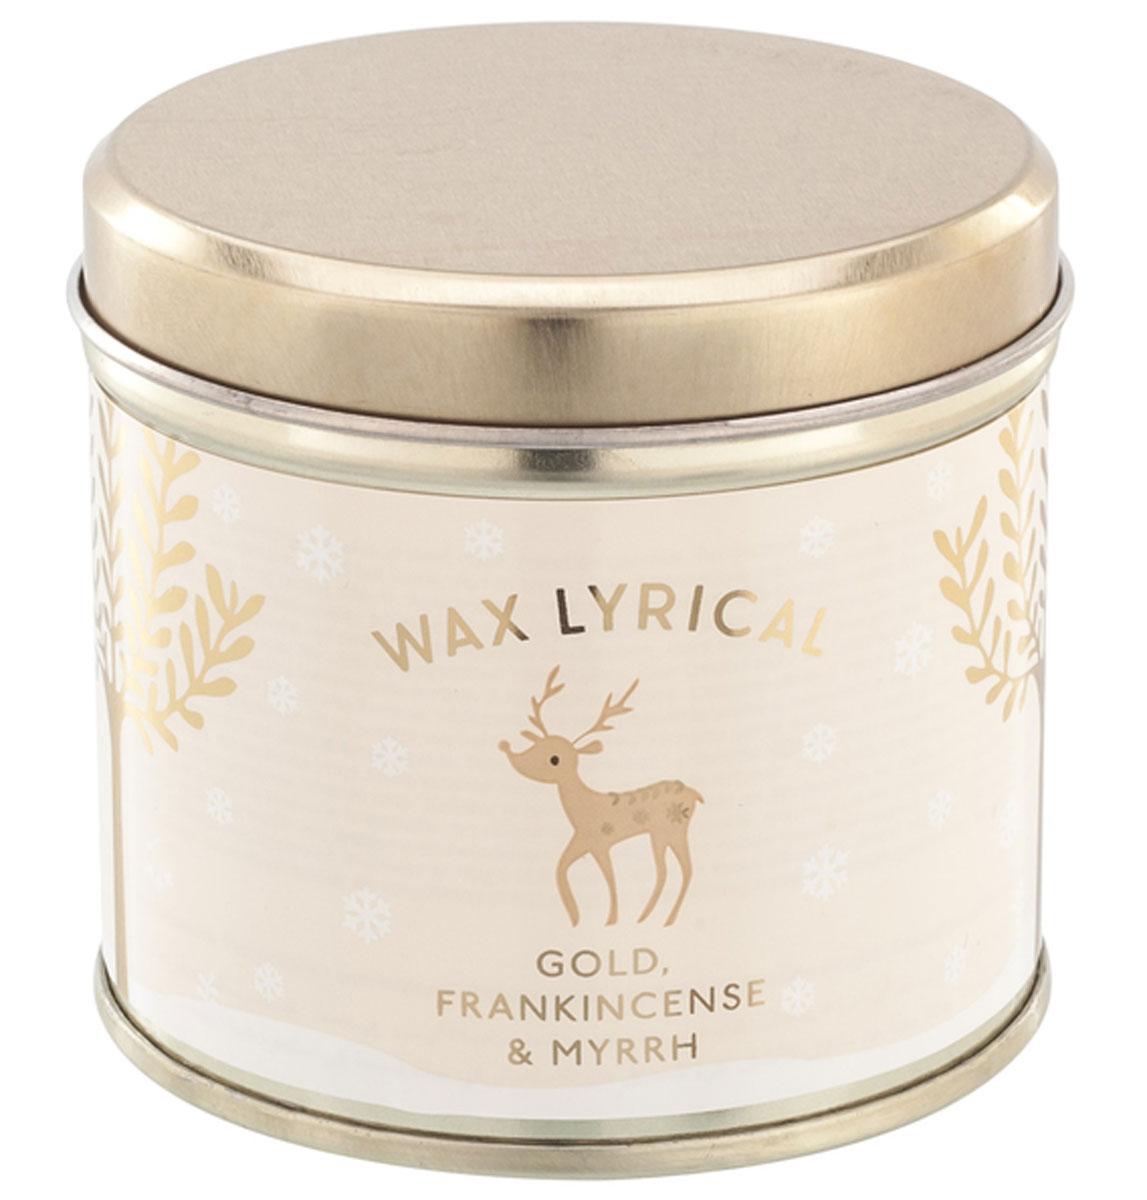 Свеча ароматизированная Wax Lyrical Зимний лес, 220 гUP210DFСвеча ароматизированная Wax Lyrical Зимний лес имеет богатый аромат, наполняющий пространство бархатными нотами карамели, ванили и цветами жасмина. Интересная теплая композиция, созданная специально для уютных зимних вечеров.